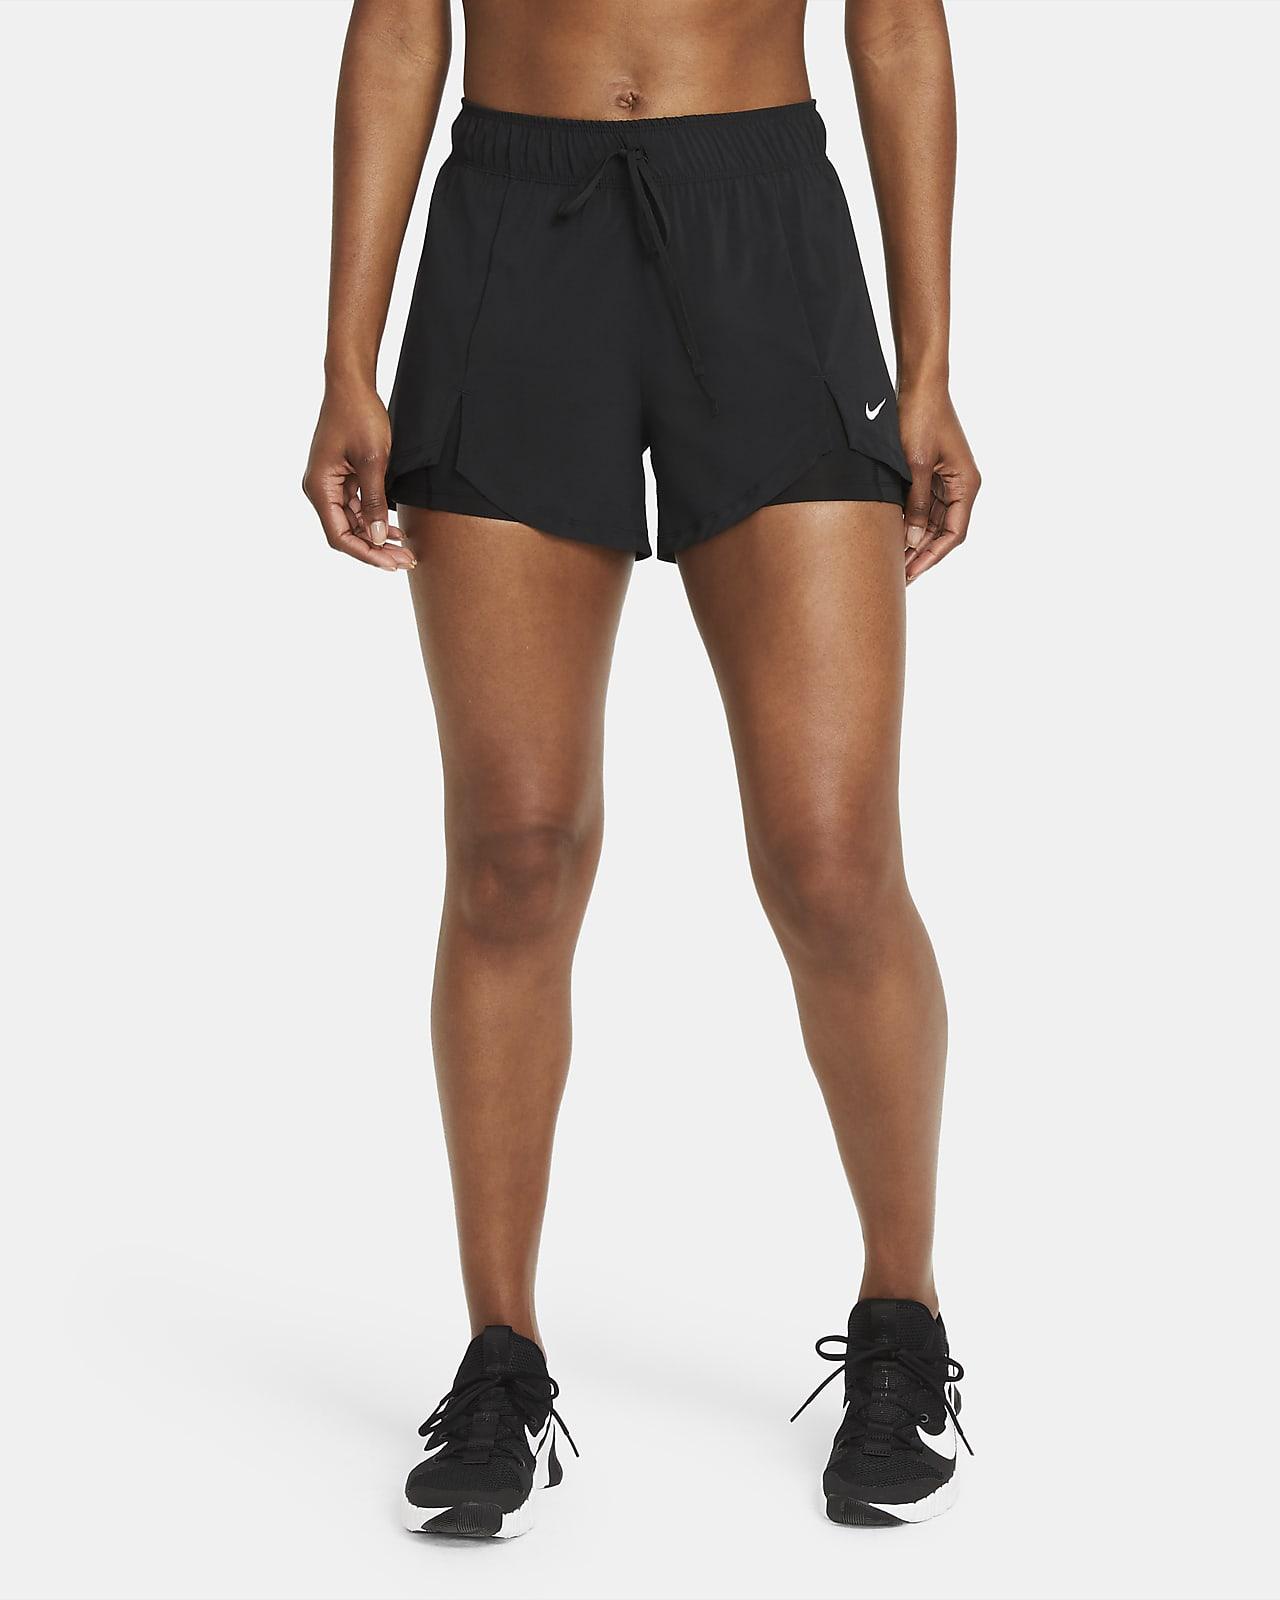 Short de training Nike Flex Essential 2-en-1 pour Femme